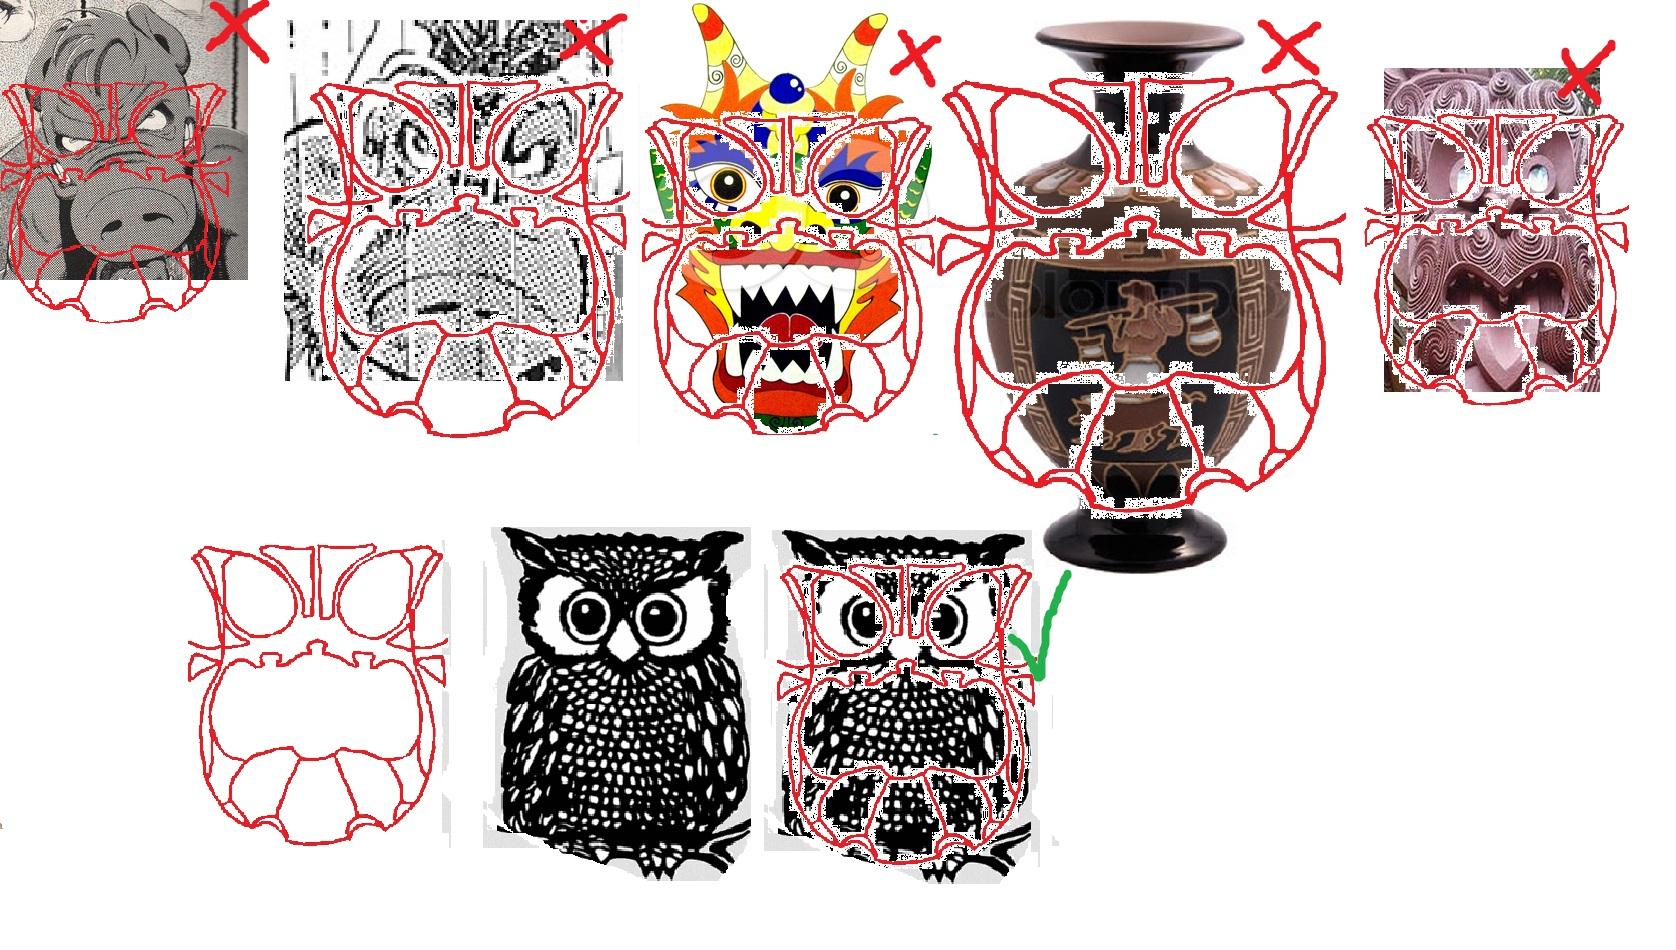 DC Owl   Metabunk